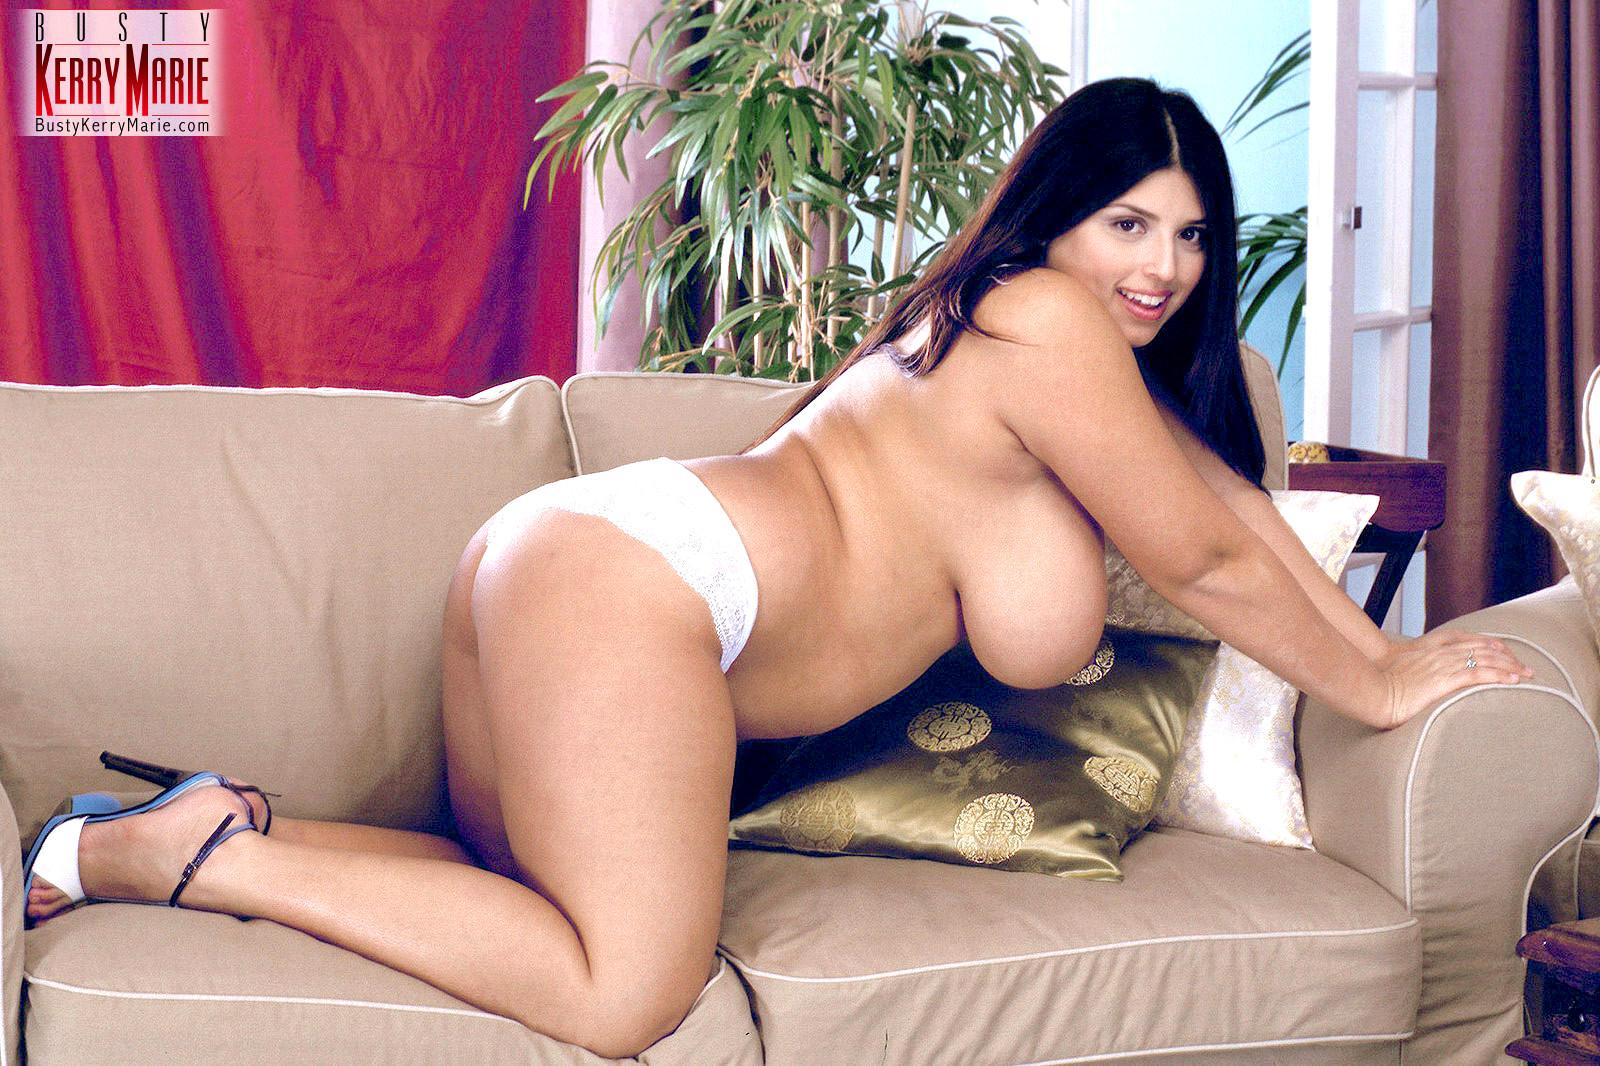 Kerry Marie Porno Kuvia